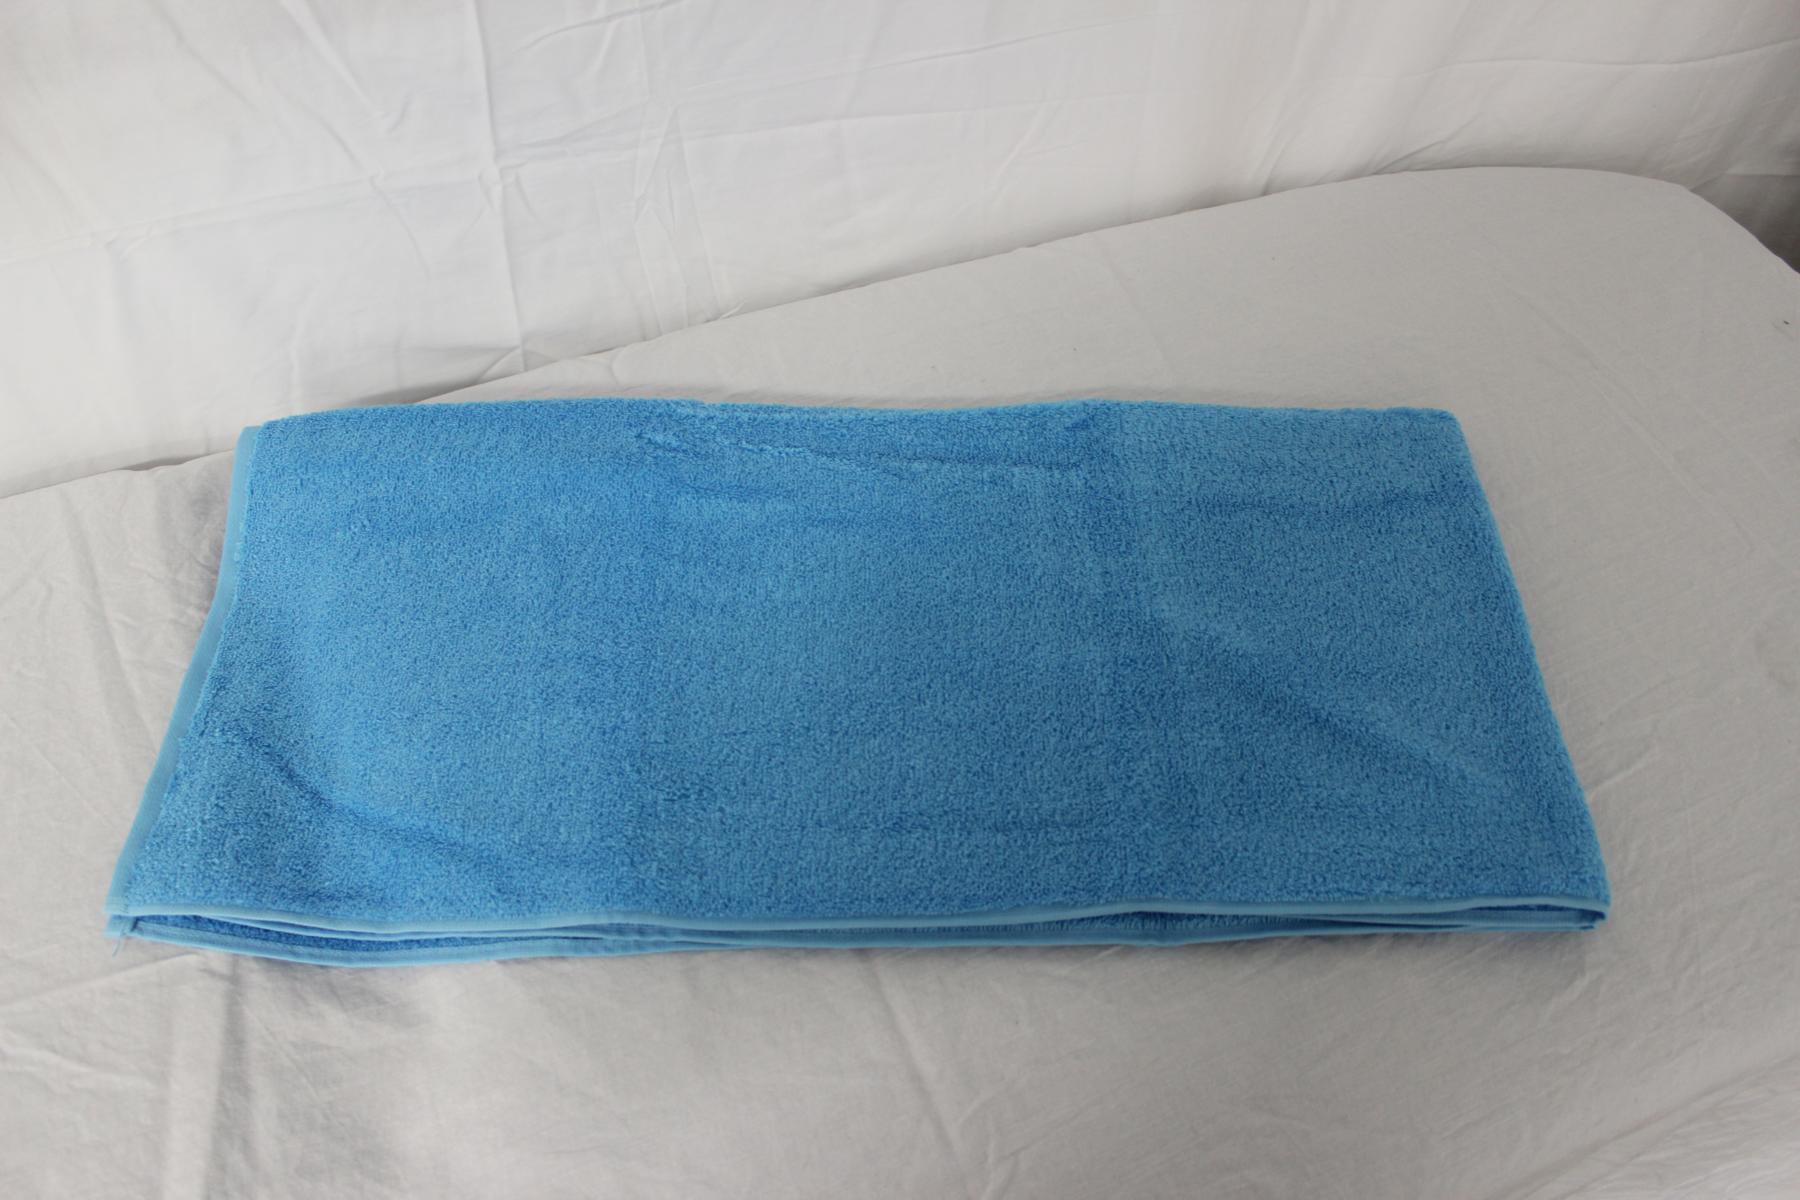 Vossen Handtuch 50 x 100 cm; Farbe: sky 3-er Pack - NEUWARE